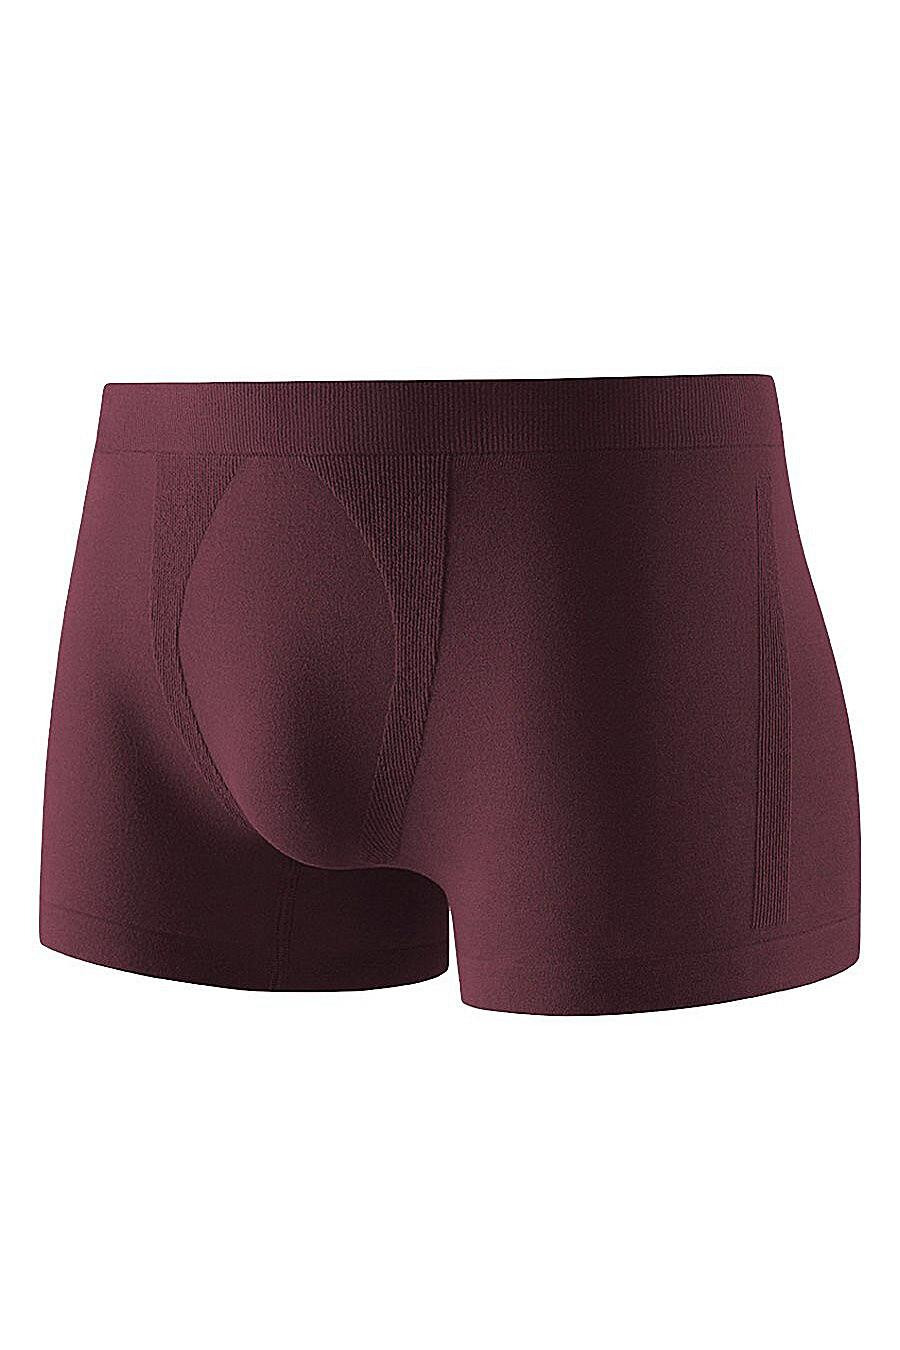 Трусы для мужчин TEKSA 218690 купить оптом от производителя. Совместная покупка мужской одежды в OptMoyo